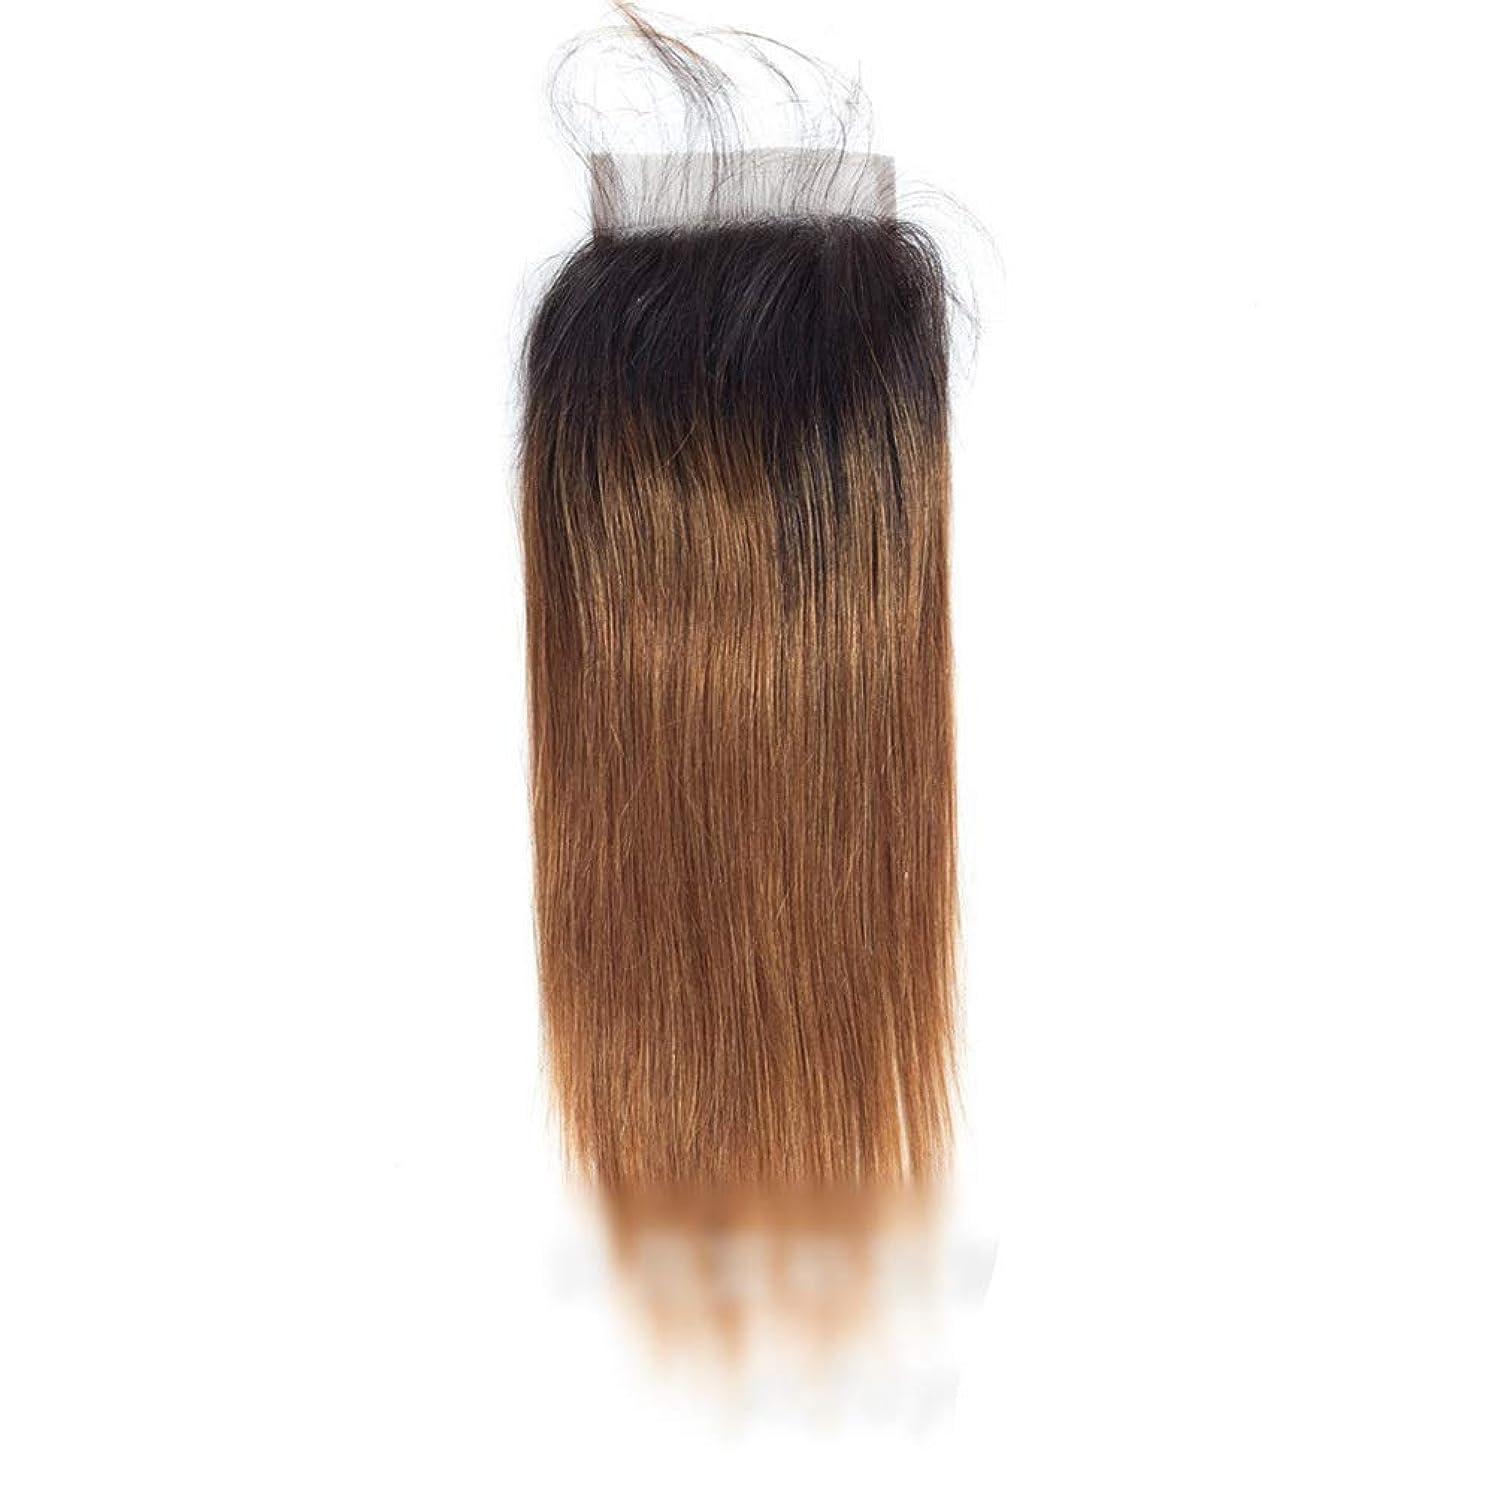 走るおびえたみすぼらしいかつら ブラジルストレート横糸人間の髪の毛4 x 4